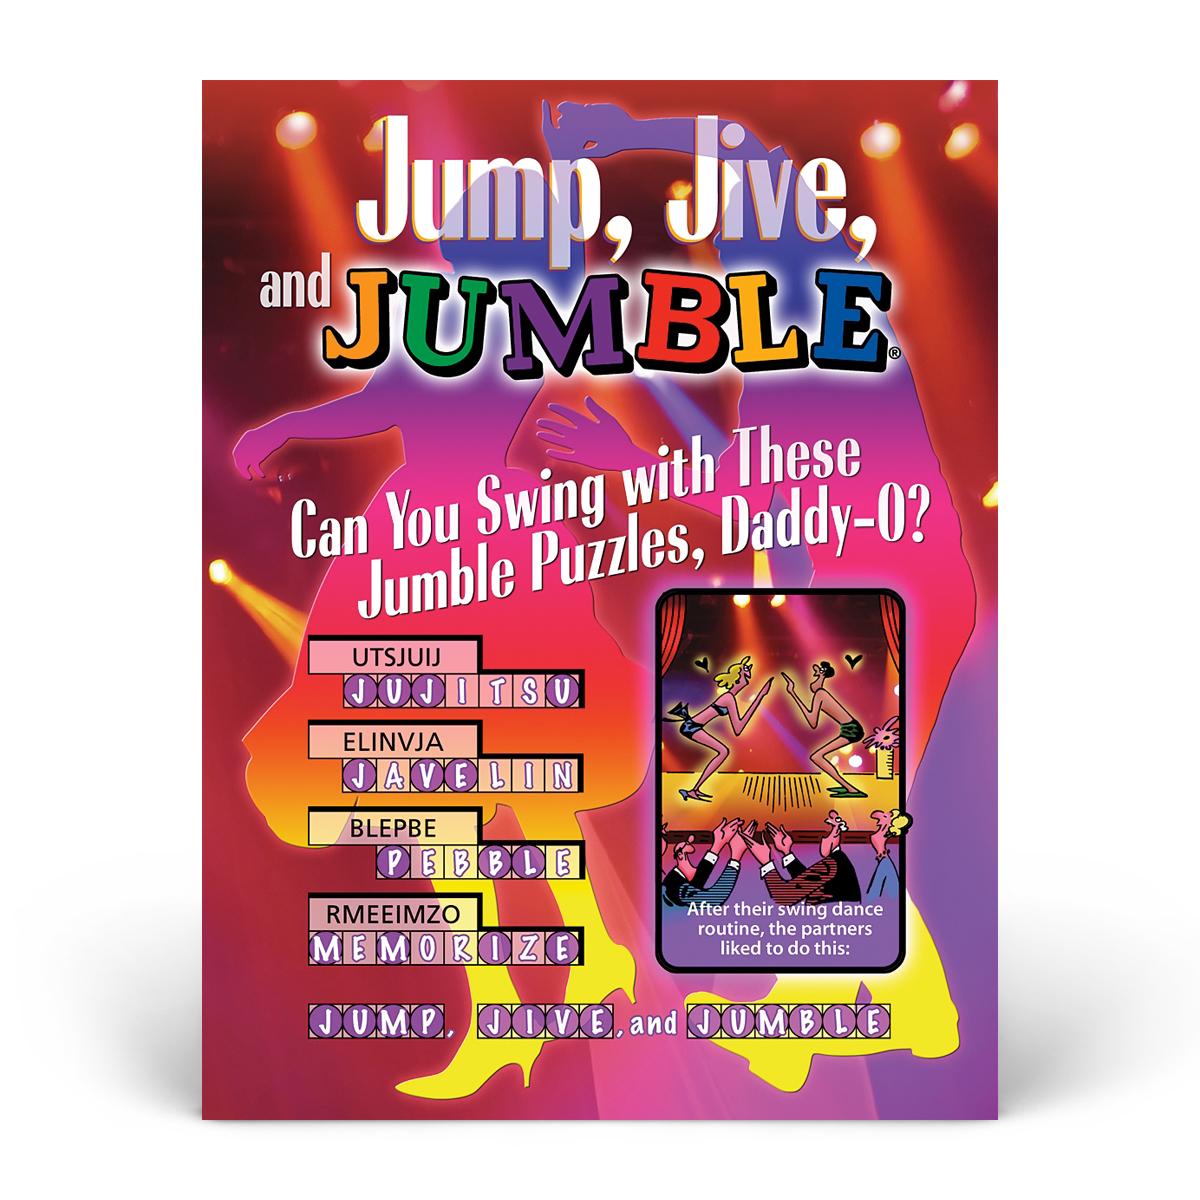 Jump, Jive, and Jumble!